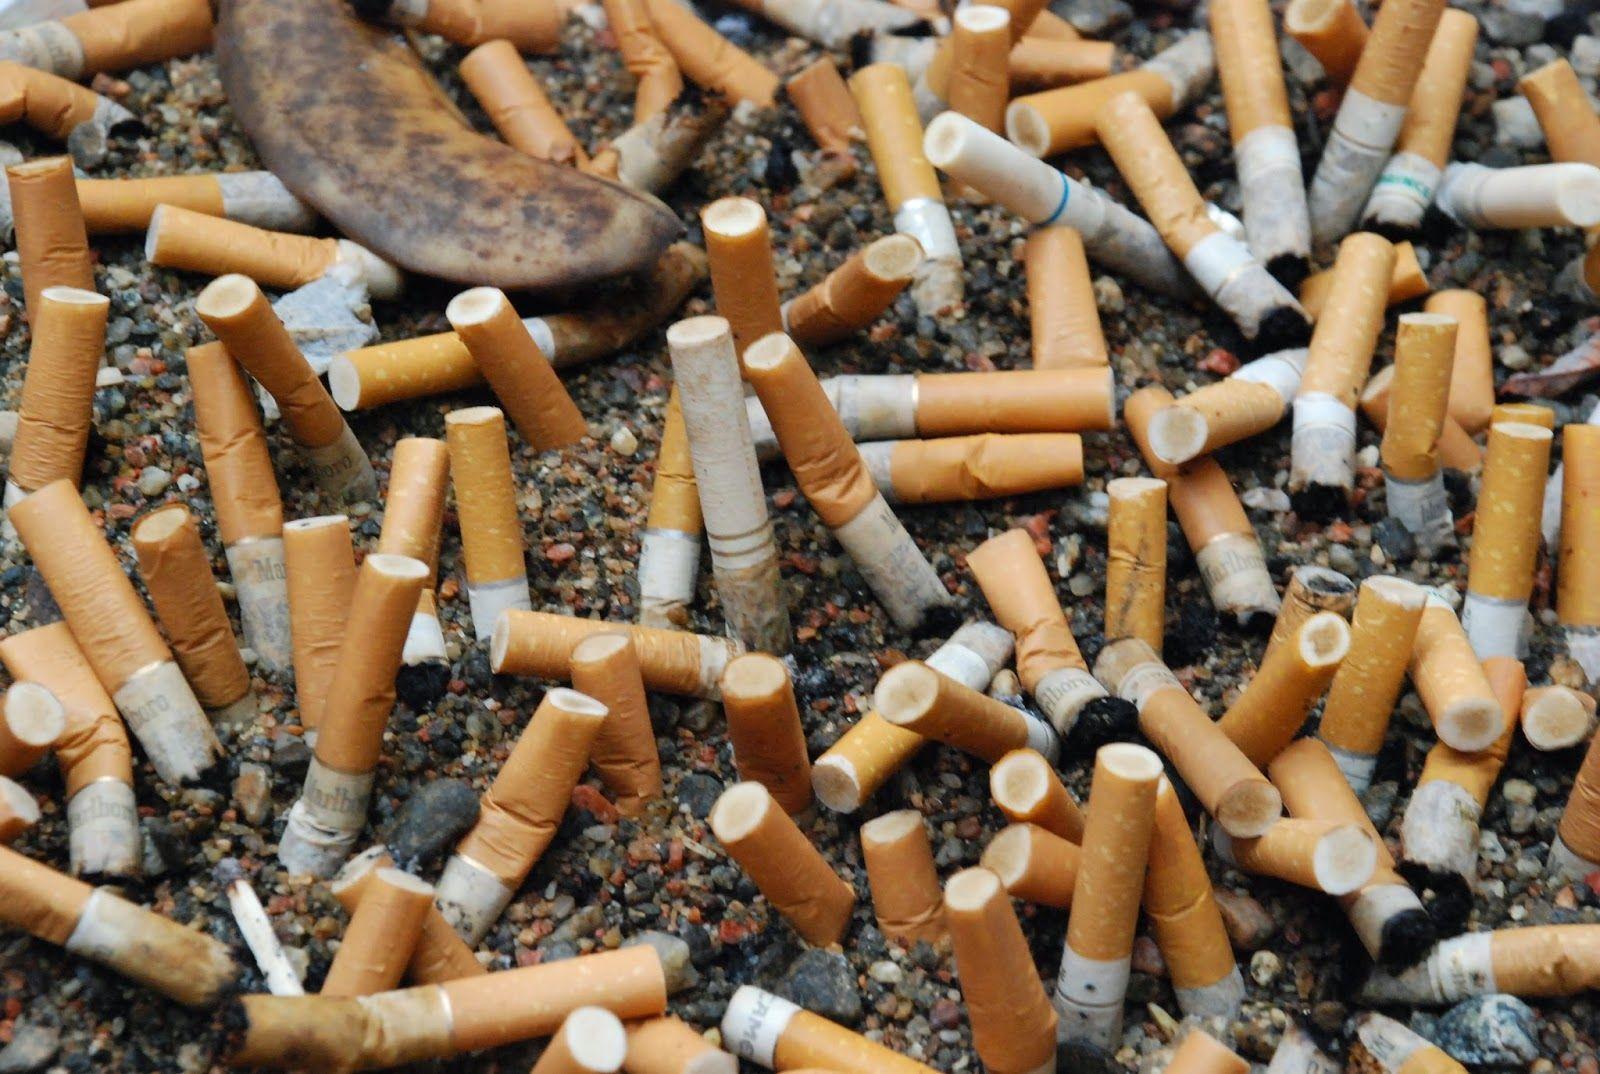 Mozziconi di sigarette in strada? Arrivano le multe